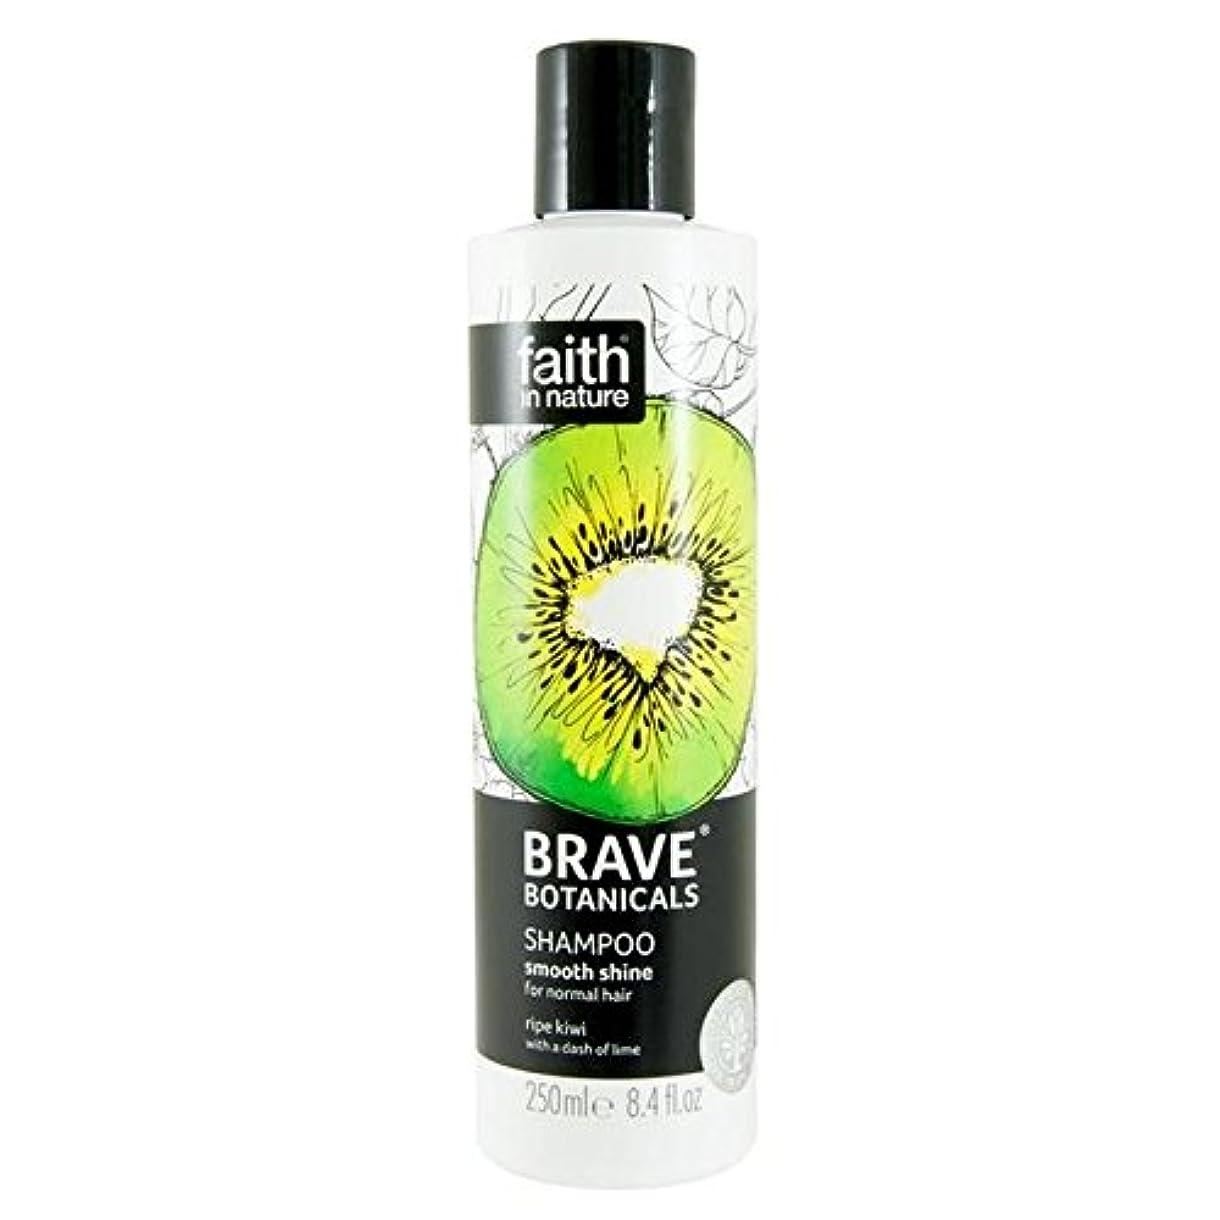 裂け目びっくりしたアンビエントBrave Botanicals Kiwi & Lime Smooth Shine Shampoo 250ml (Pack of 4) - (Faith In Nature) 勇敢な植物キウイ&ライムなめらかな輝きシャンプー250Ml (x4) [並行輸入品]